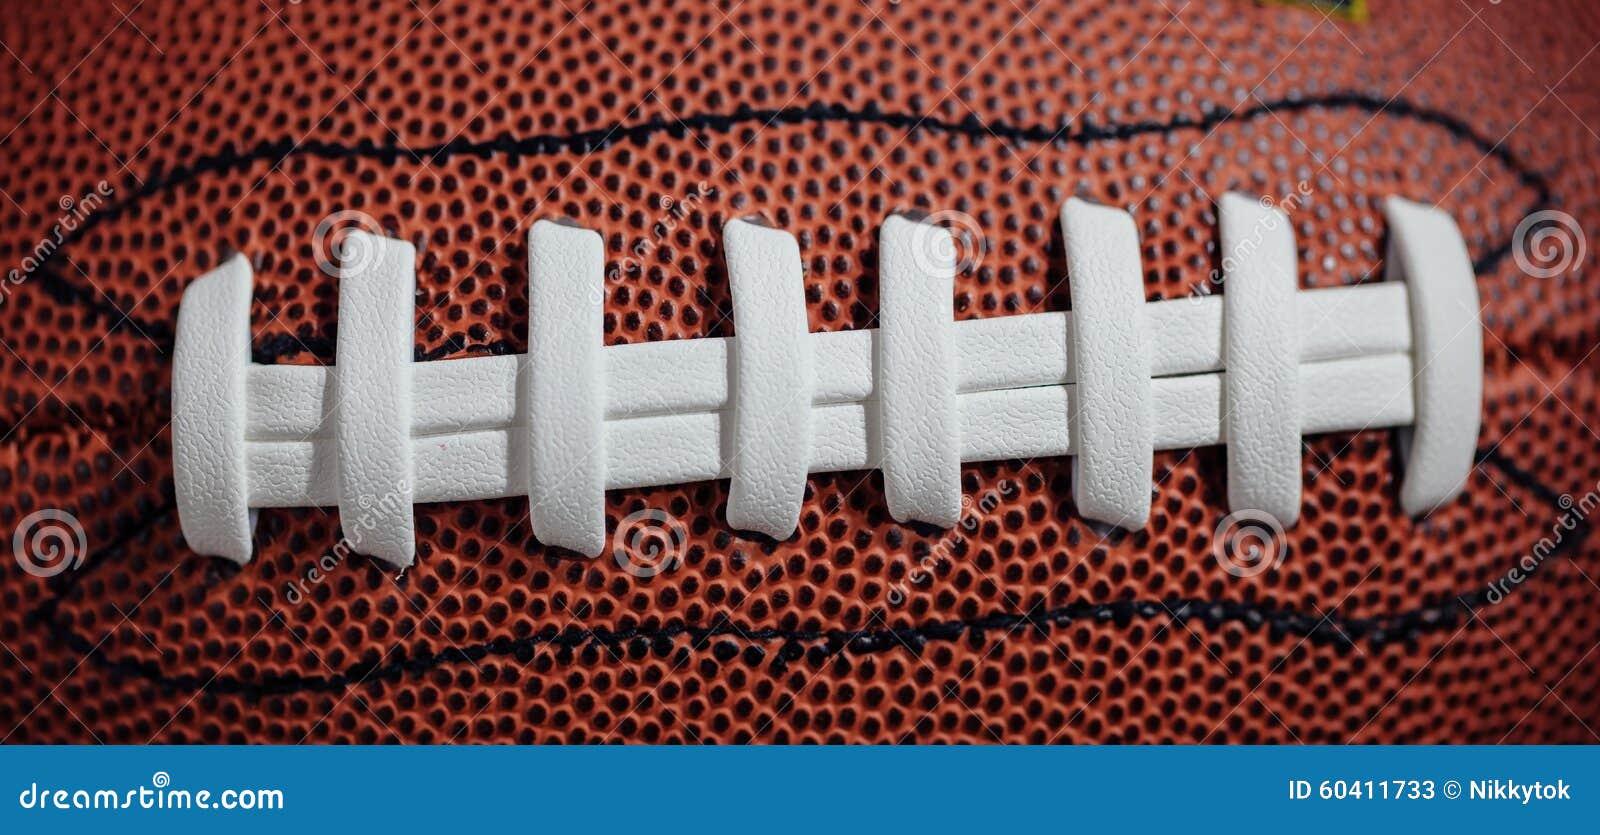 橄榄球鞋带和纹理